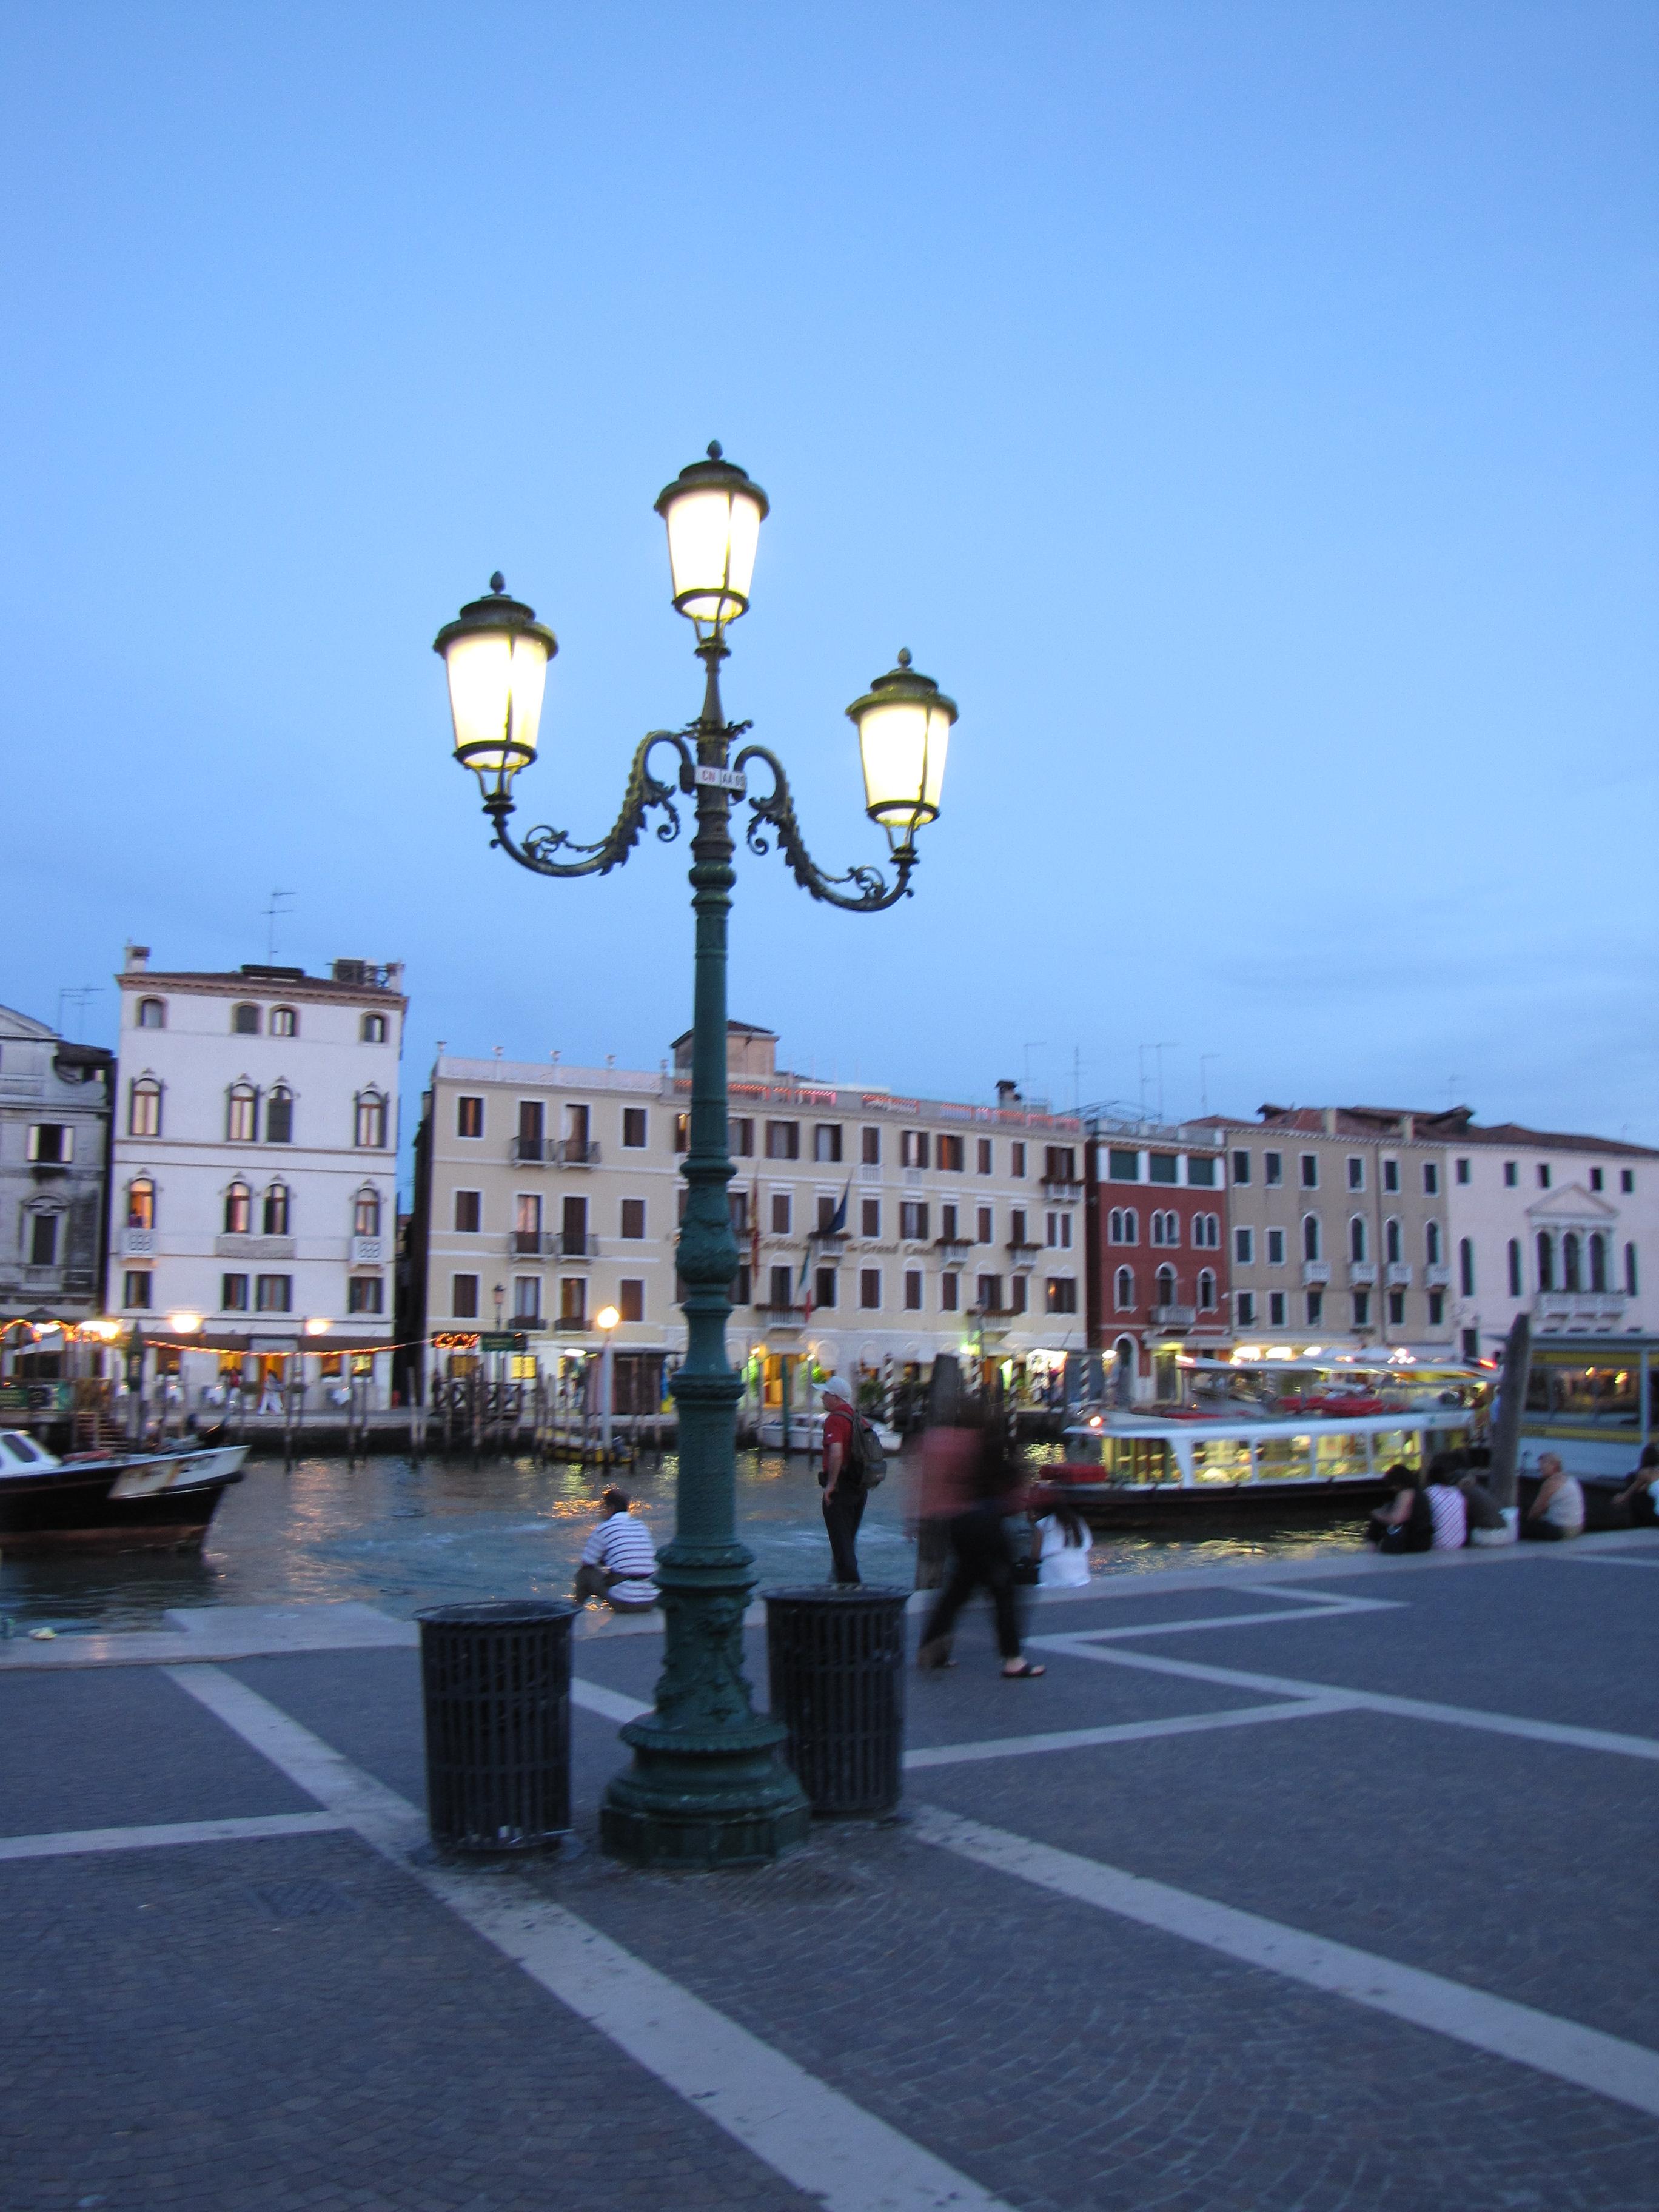 Venice: Last photograph before boarding the train